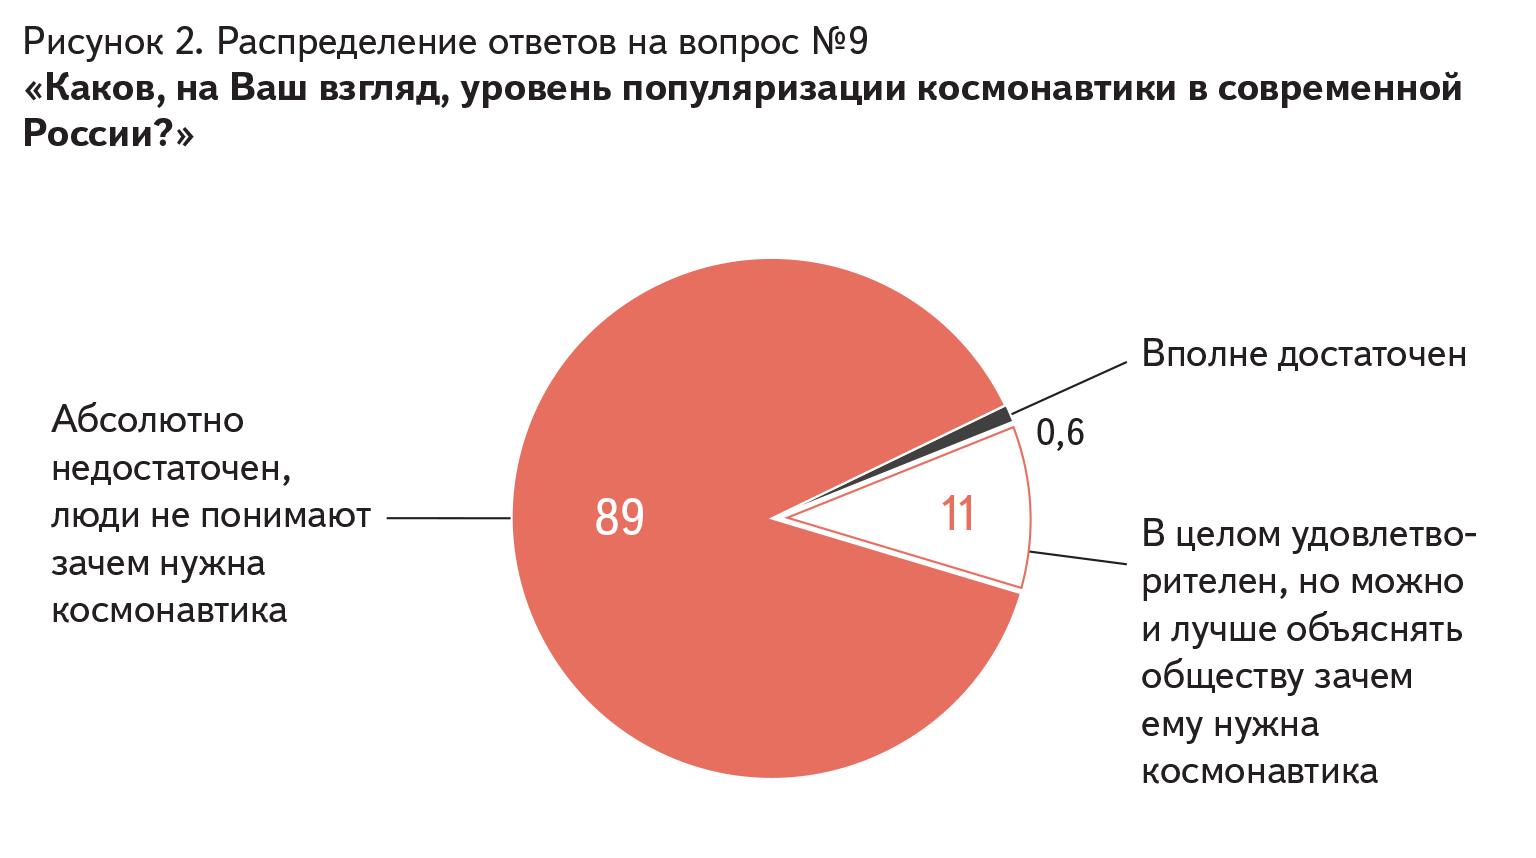 Распределение ответов на вопрос № 9 «Каков, на Ваш взгляд, уровень популяризации космонавтики в современной России?»